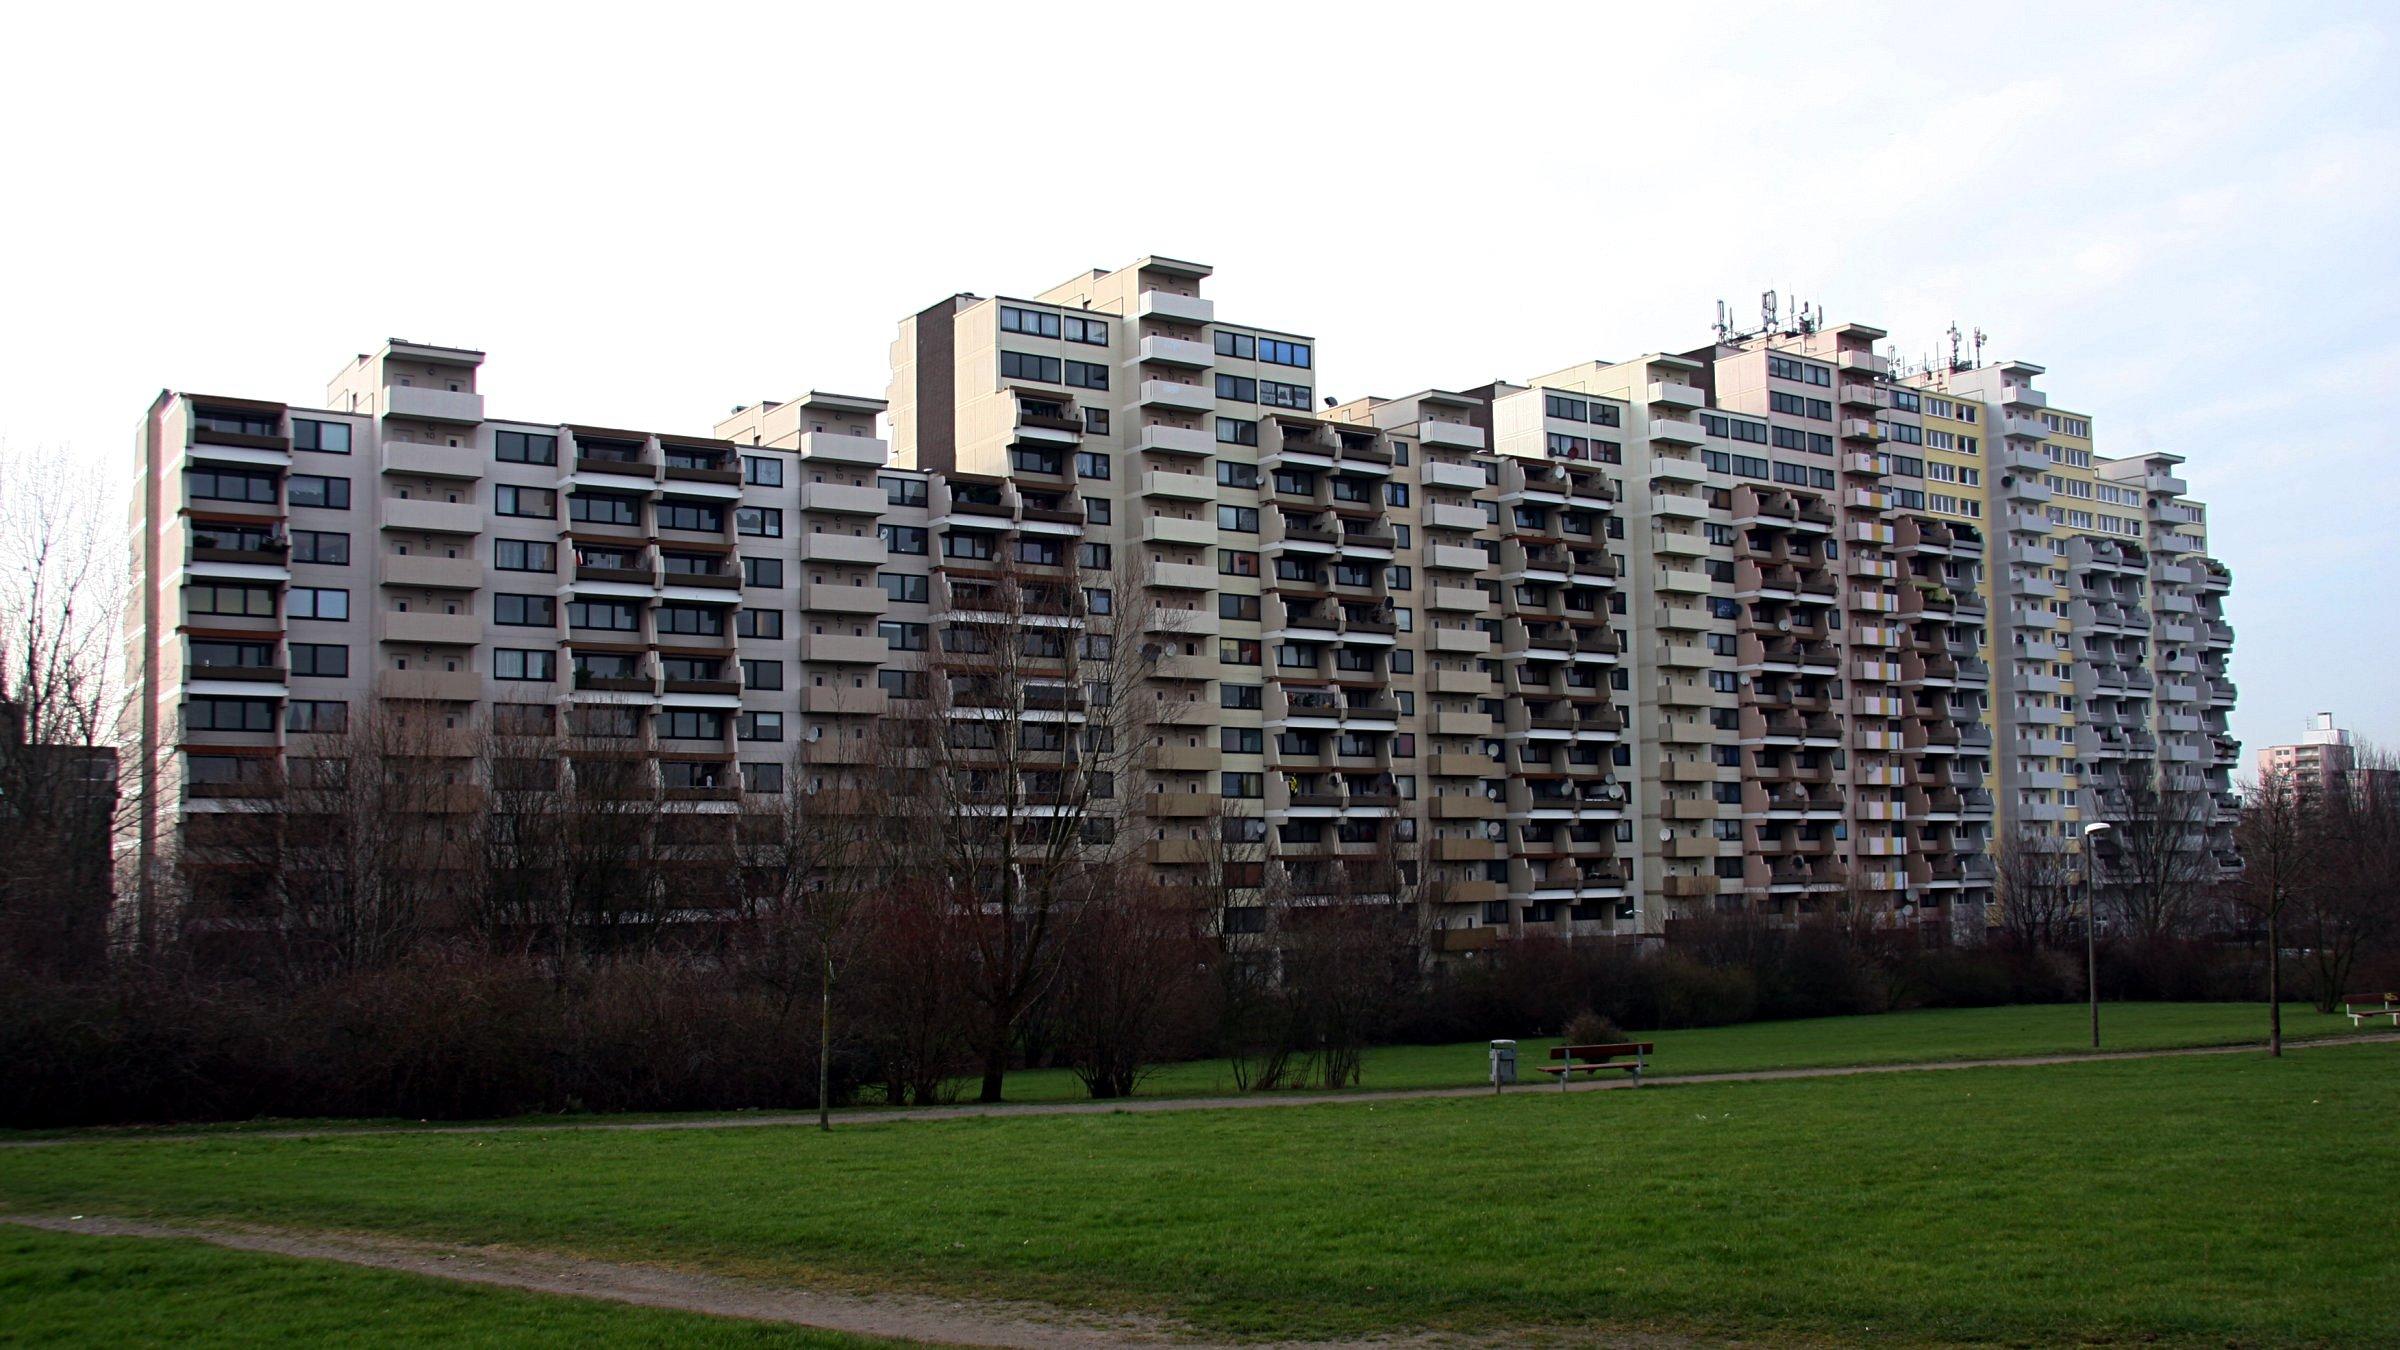 Dortmund Hannibal Dorstfeld Ostfassade.jpg